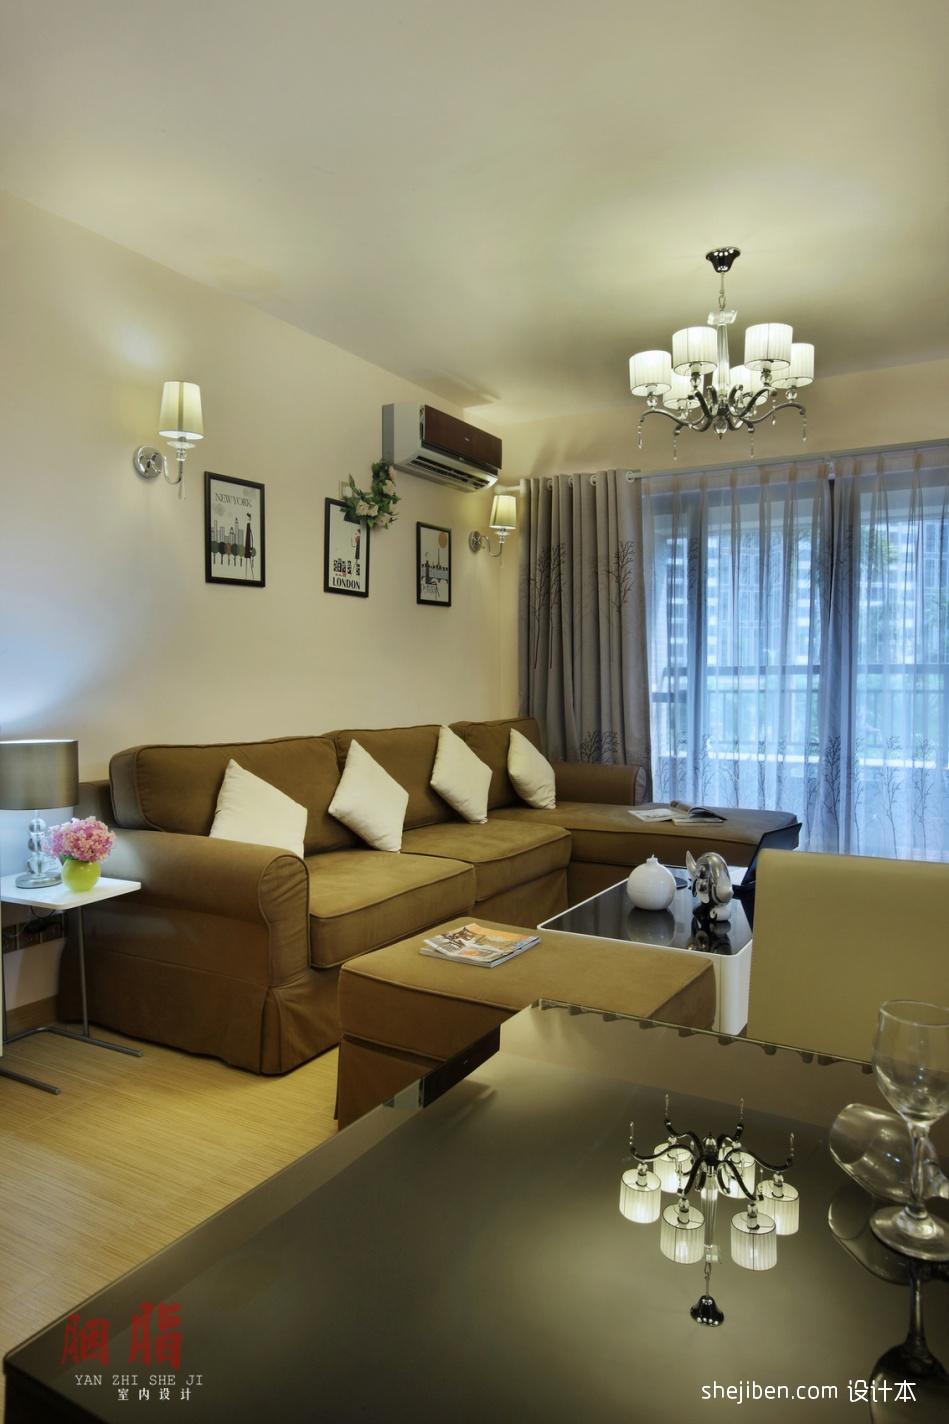 廣州胭脂設計現代簡約風格客廳吊燈裝修效果圖